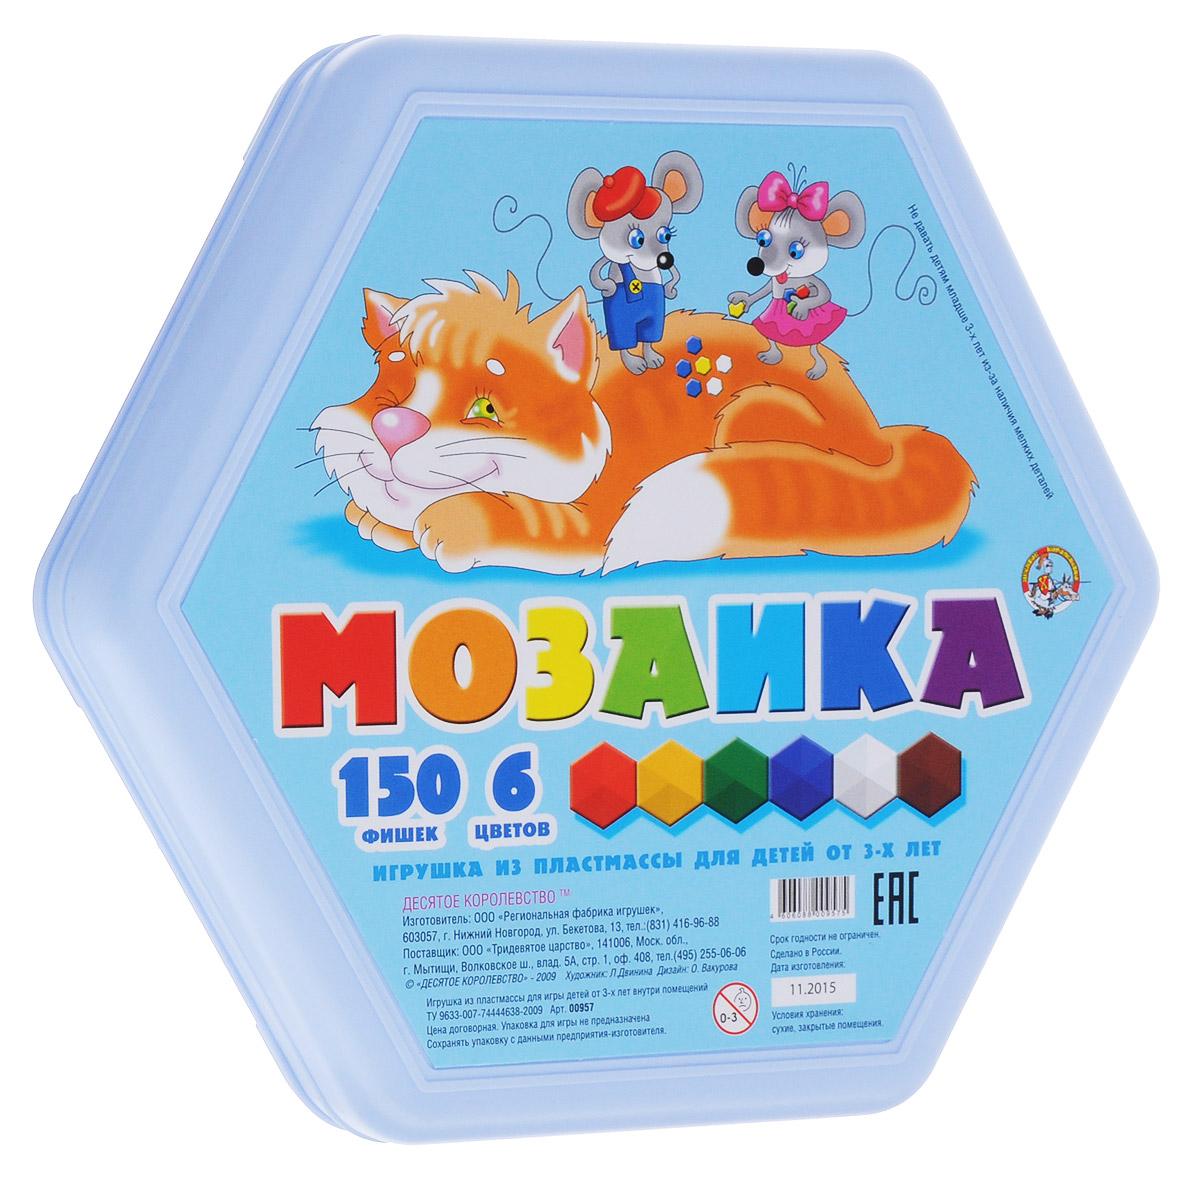 Десятое королевство Мозаика 150 элементов957, 00957Мозаика Десятое королевство - это увлекательная развивающая игра для самых маленьких! Конструкция мозаики позволяет с лёгкостью фиксировать детали, которые состоят из высококачественных материалов, абсолютно безопасных для здоровья ребёнка. В комплект входят 150 шестигранных фишек шести цветов диаметром 1,5 см и карточка с образцами рисунков мозаики. Мозаика развивает у ребёнка творческие способности, воображение, мелкую моторику рук, воображение, координацию движений. Эта мозаика открывает перед малышом неограниченные возможности создания собственных композиций.